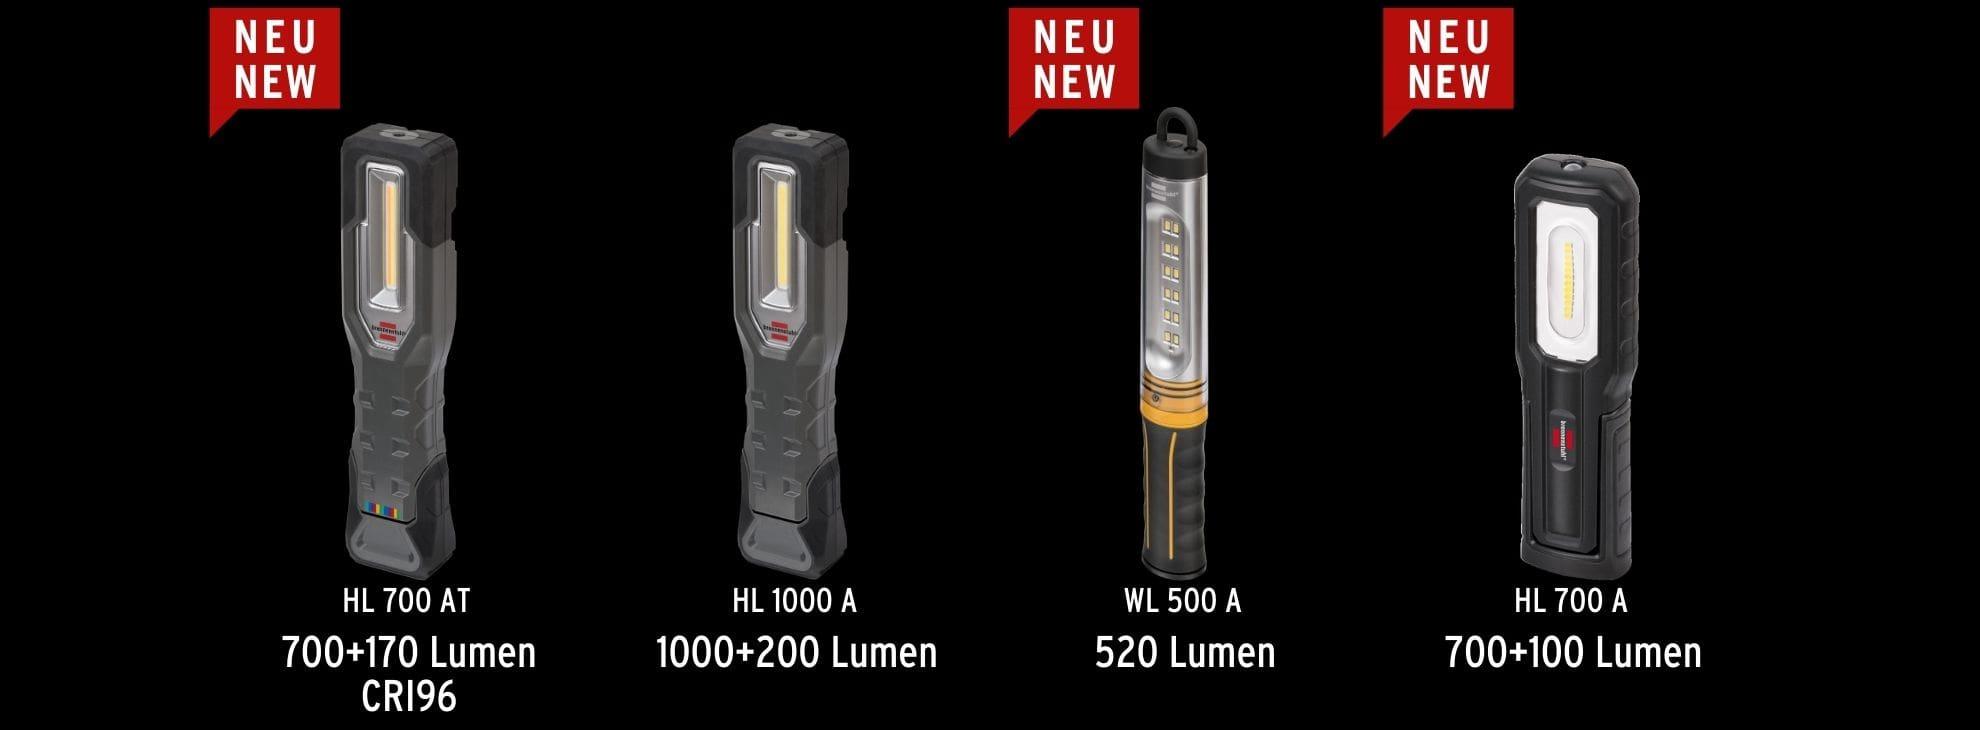 LED Arbeitslicht-Brennenstuhl LED Baustrahler-Handlampen-1-min